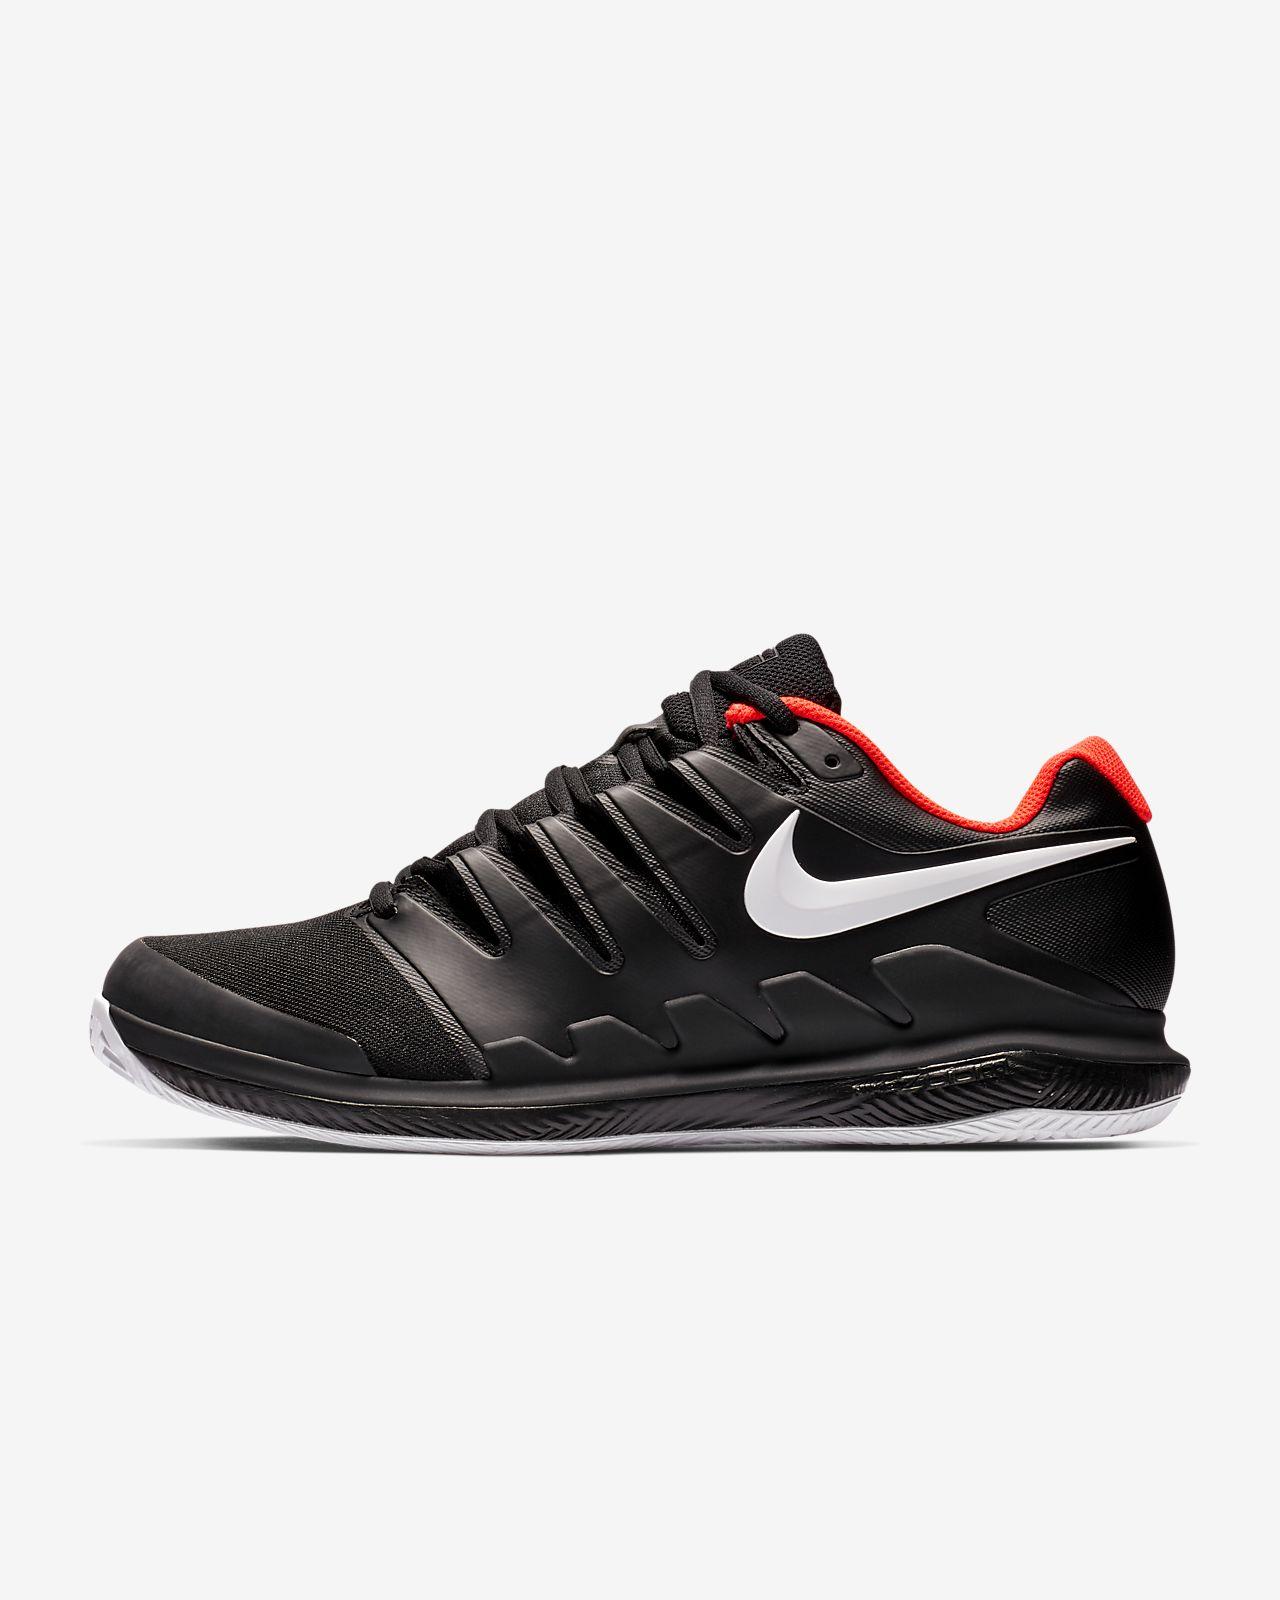 reputable site 31fa6 d9e79 ... Tennissko Nike Air Zoom Vapor X Clay för män